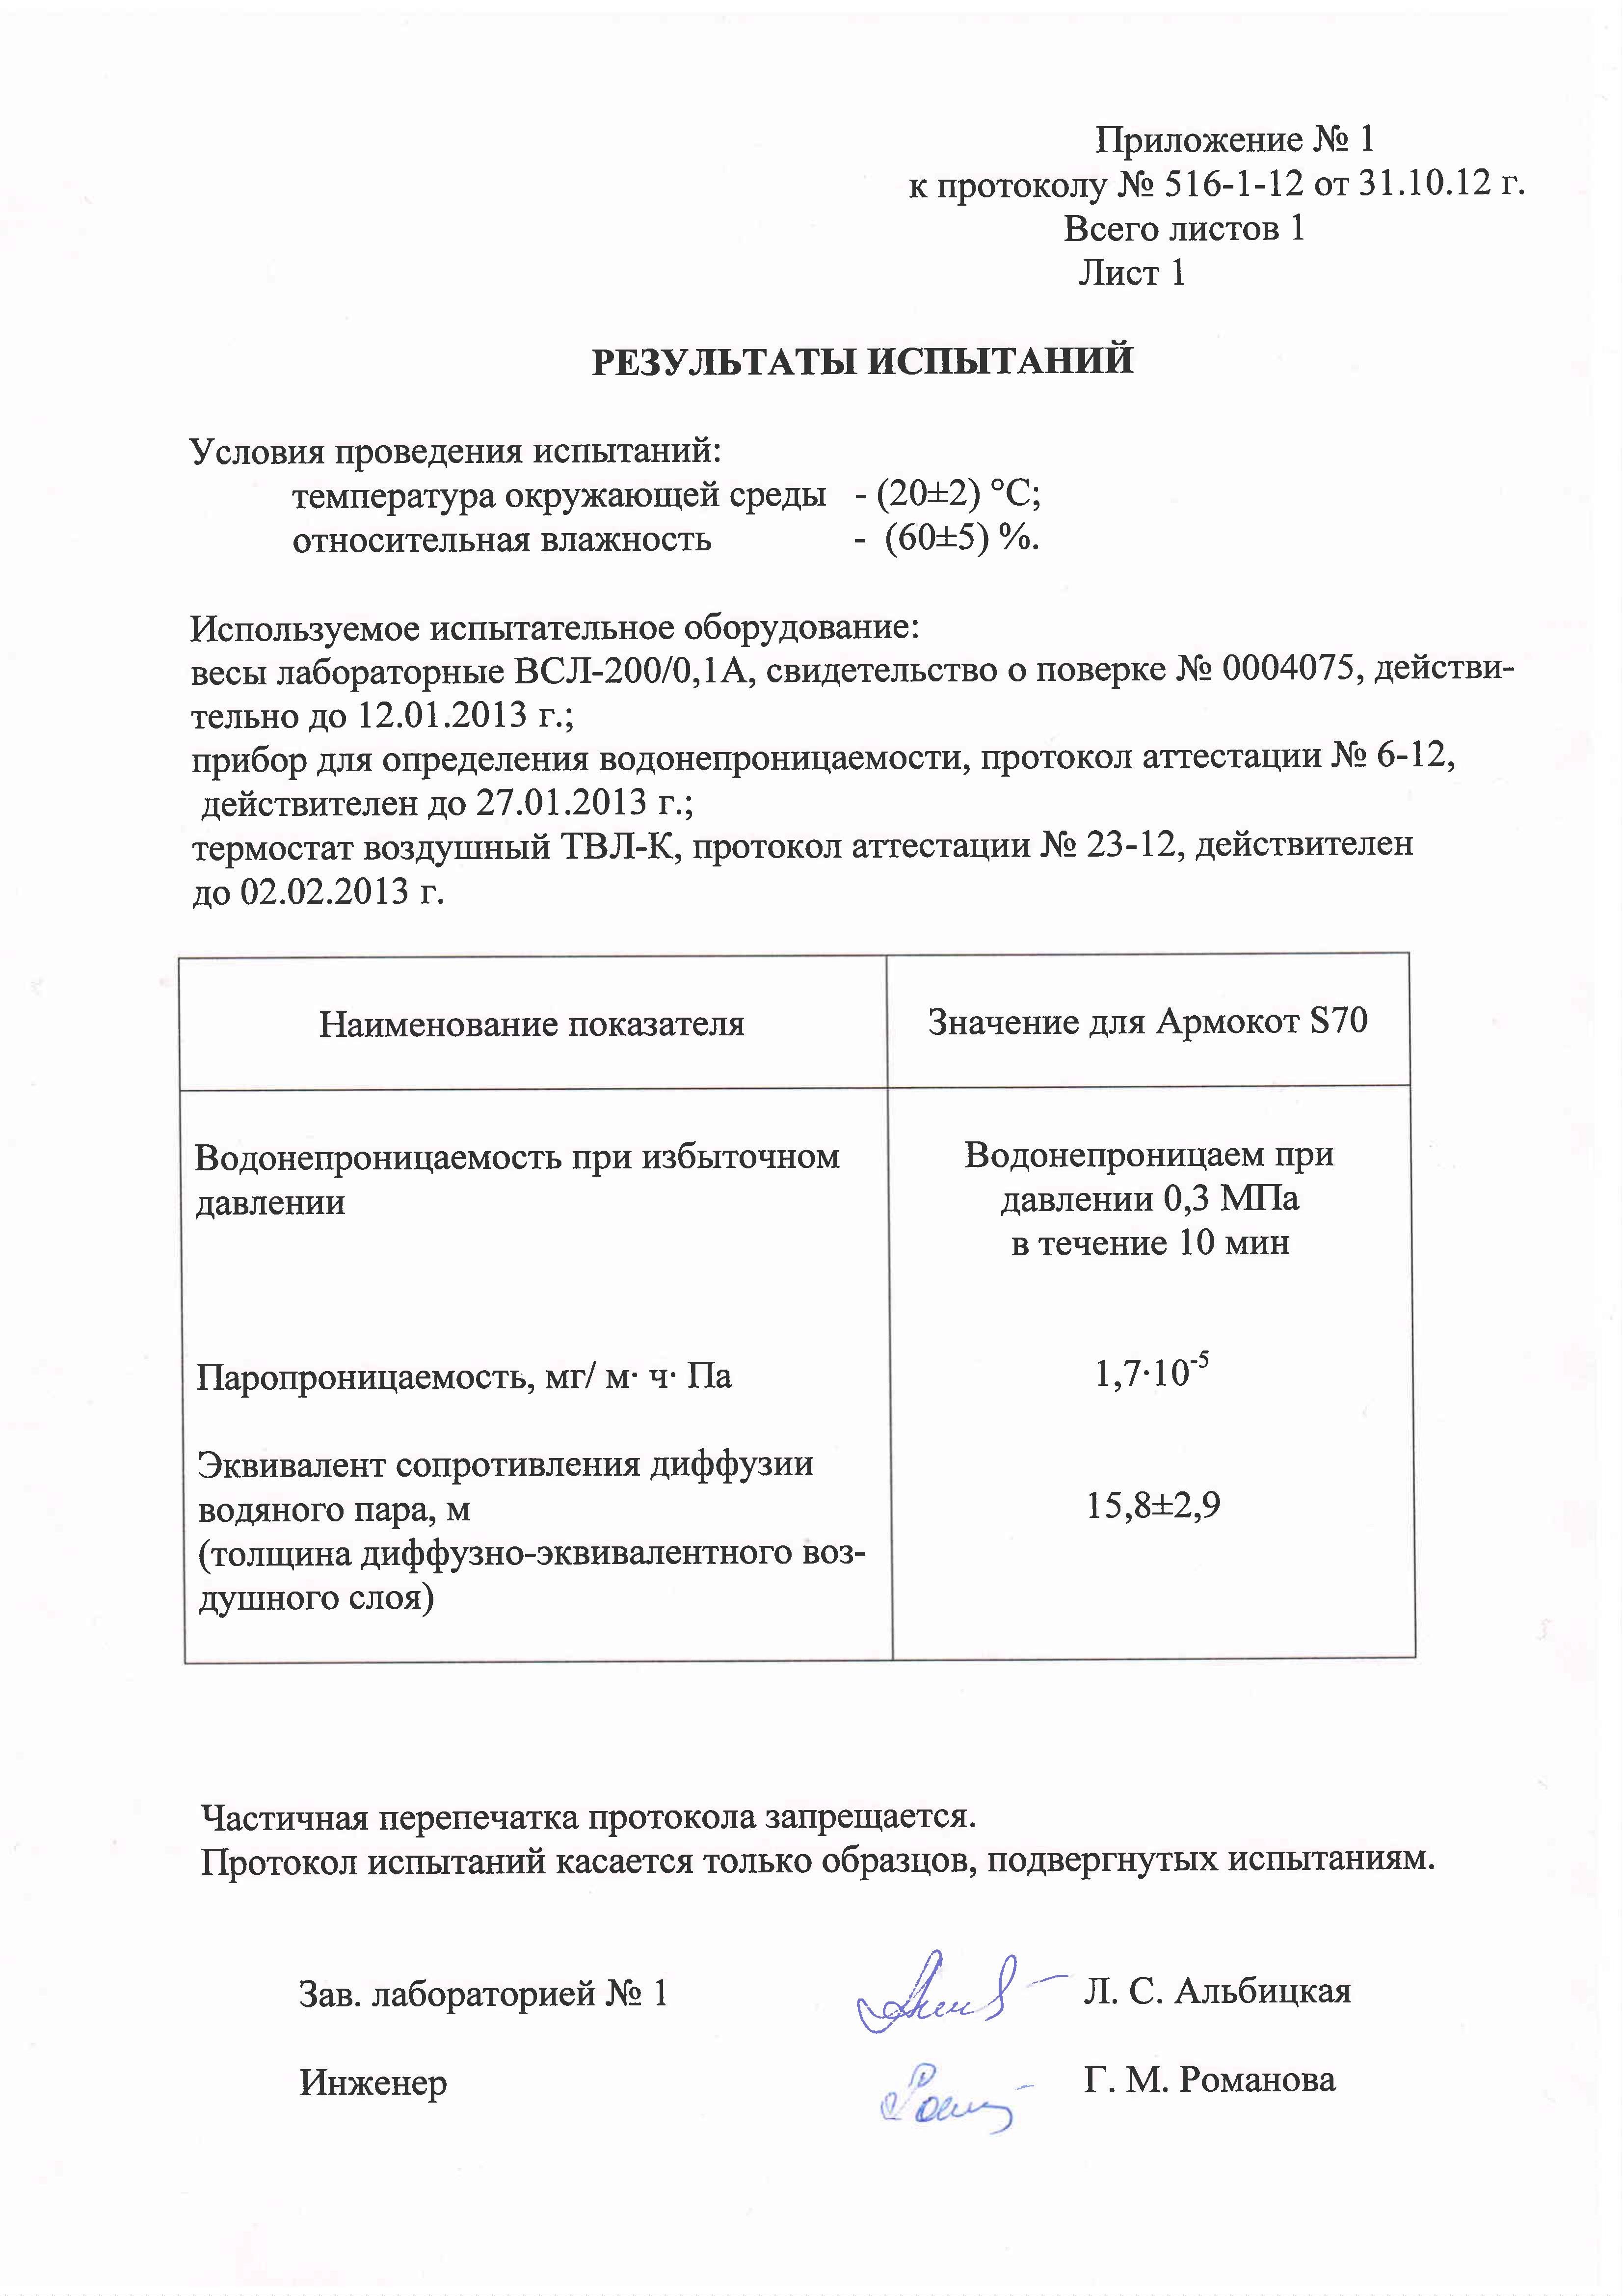 Заключение на Армокот S70_Страница_2